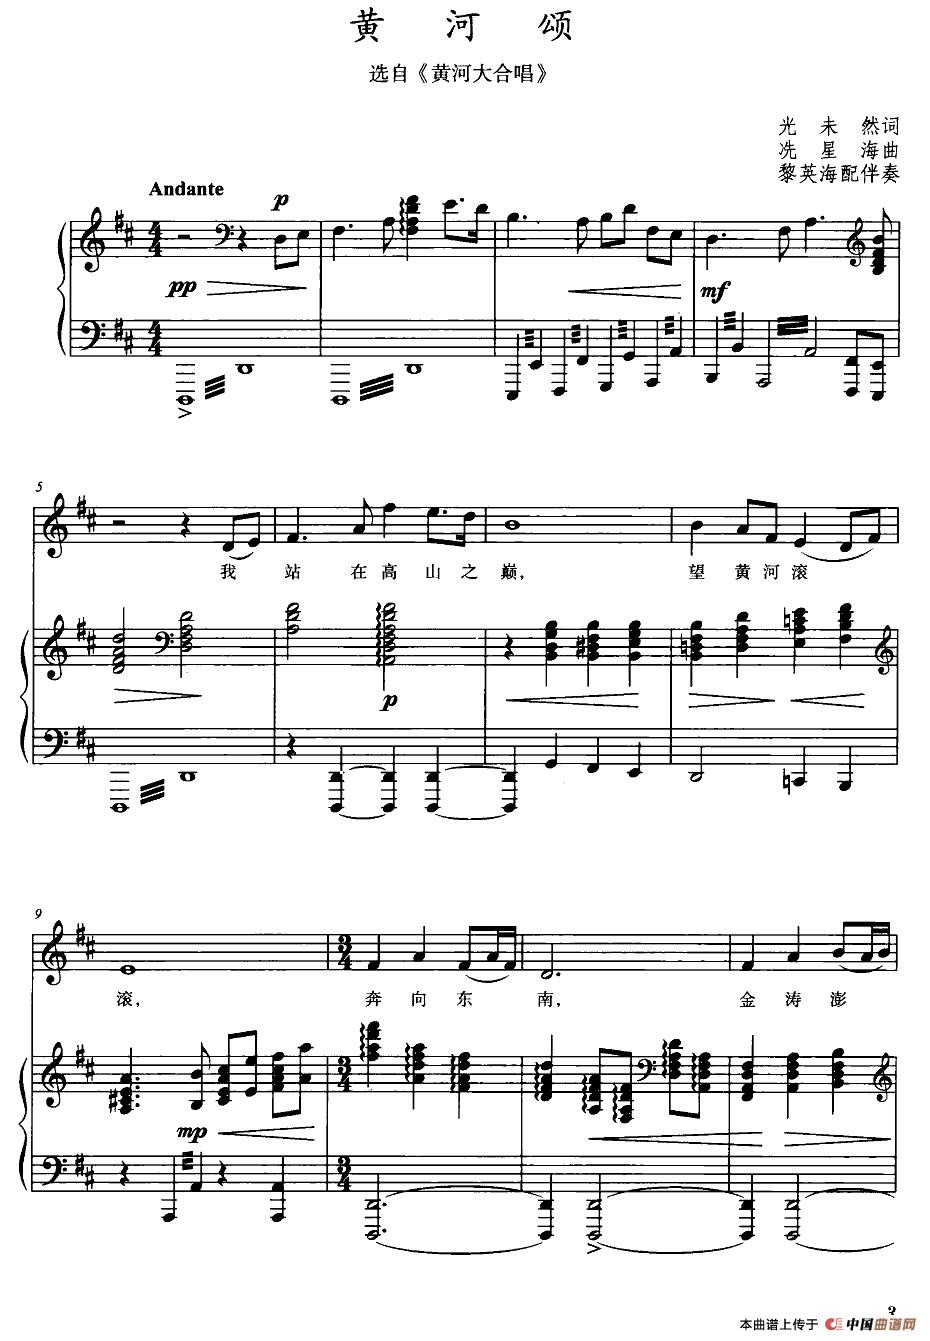 黄河颂五线谱 黄河大合唱 选曲 正谱 民歌曲谱 中国曲谱网